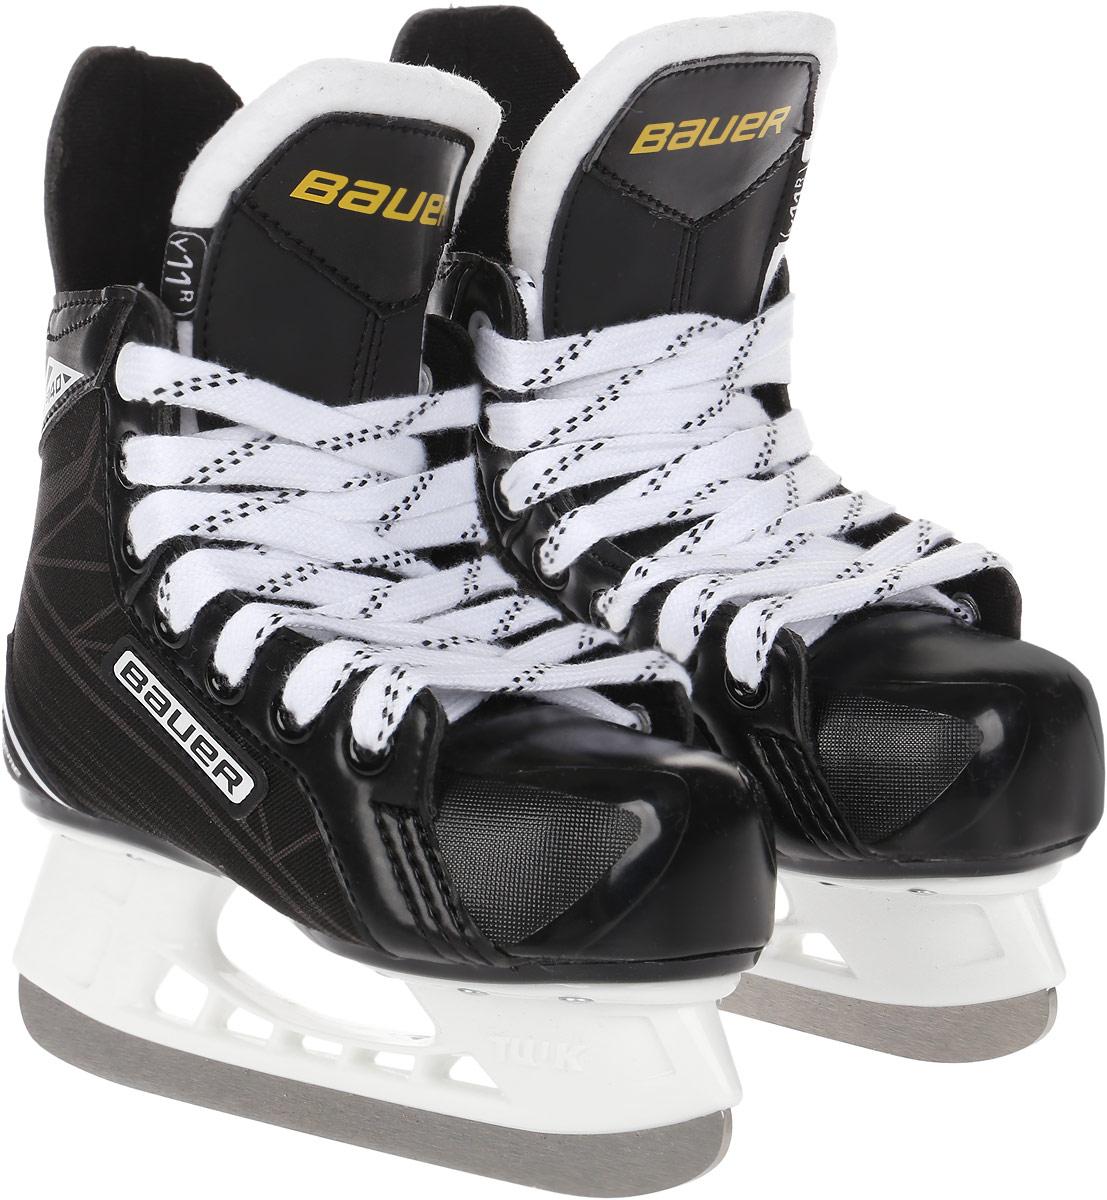 Коньки хоккейные для мальчика Bauer Supreme S140, цвет: черный. 1048627. Размер 29,5 bauer перчатки хоккейные bauer s17 supreme s150